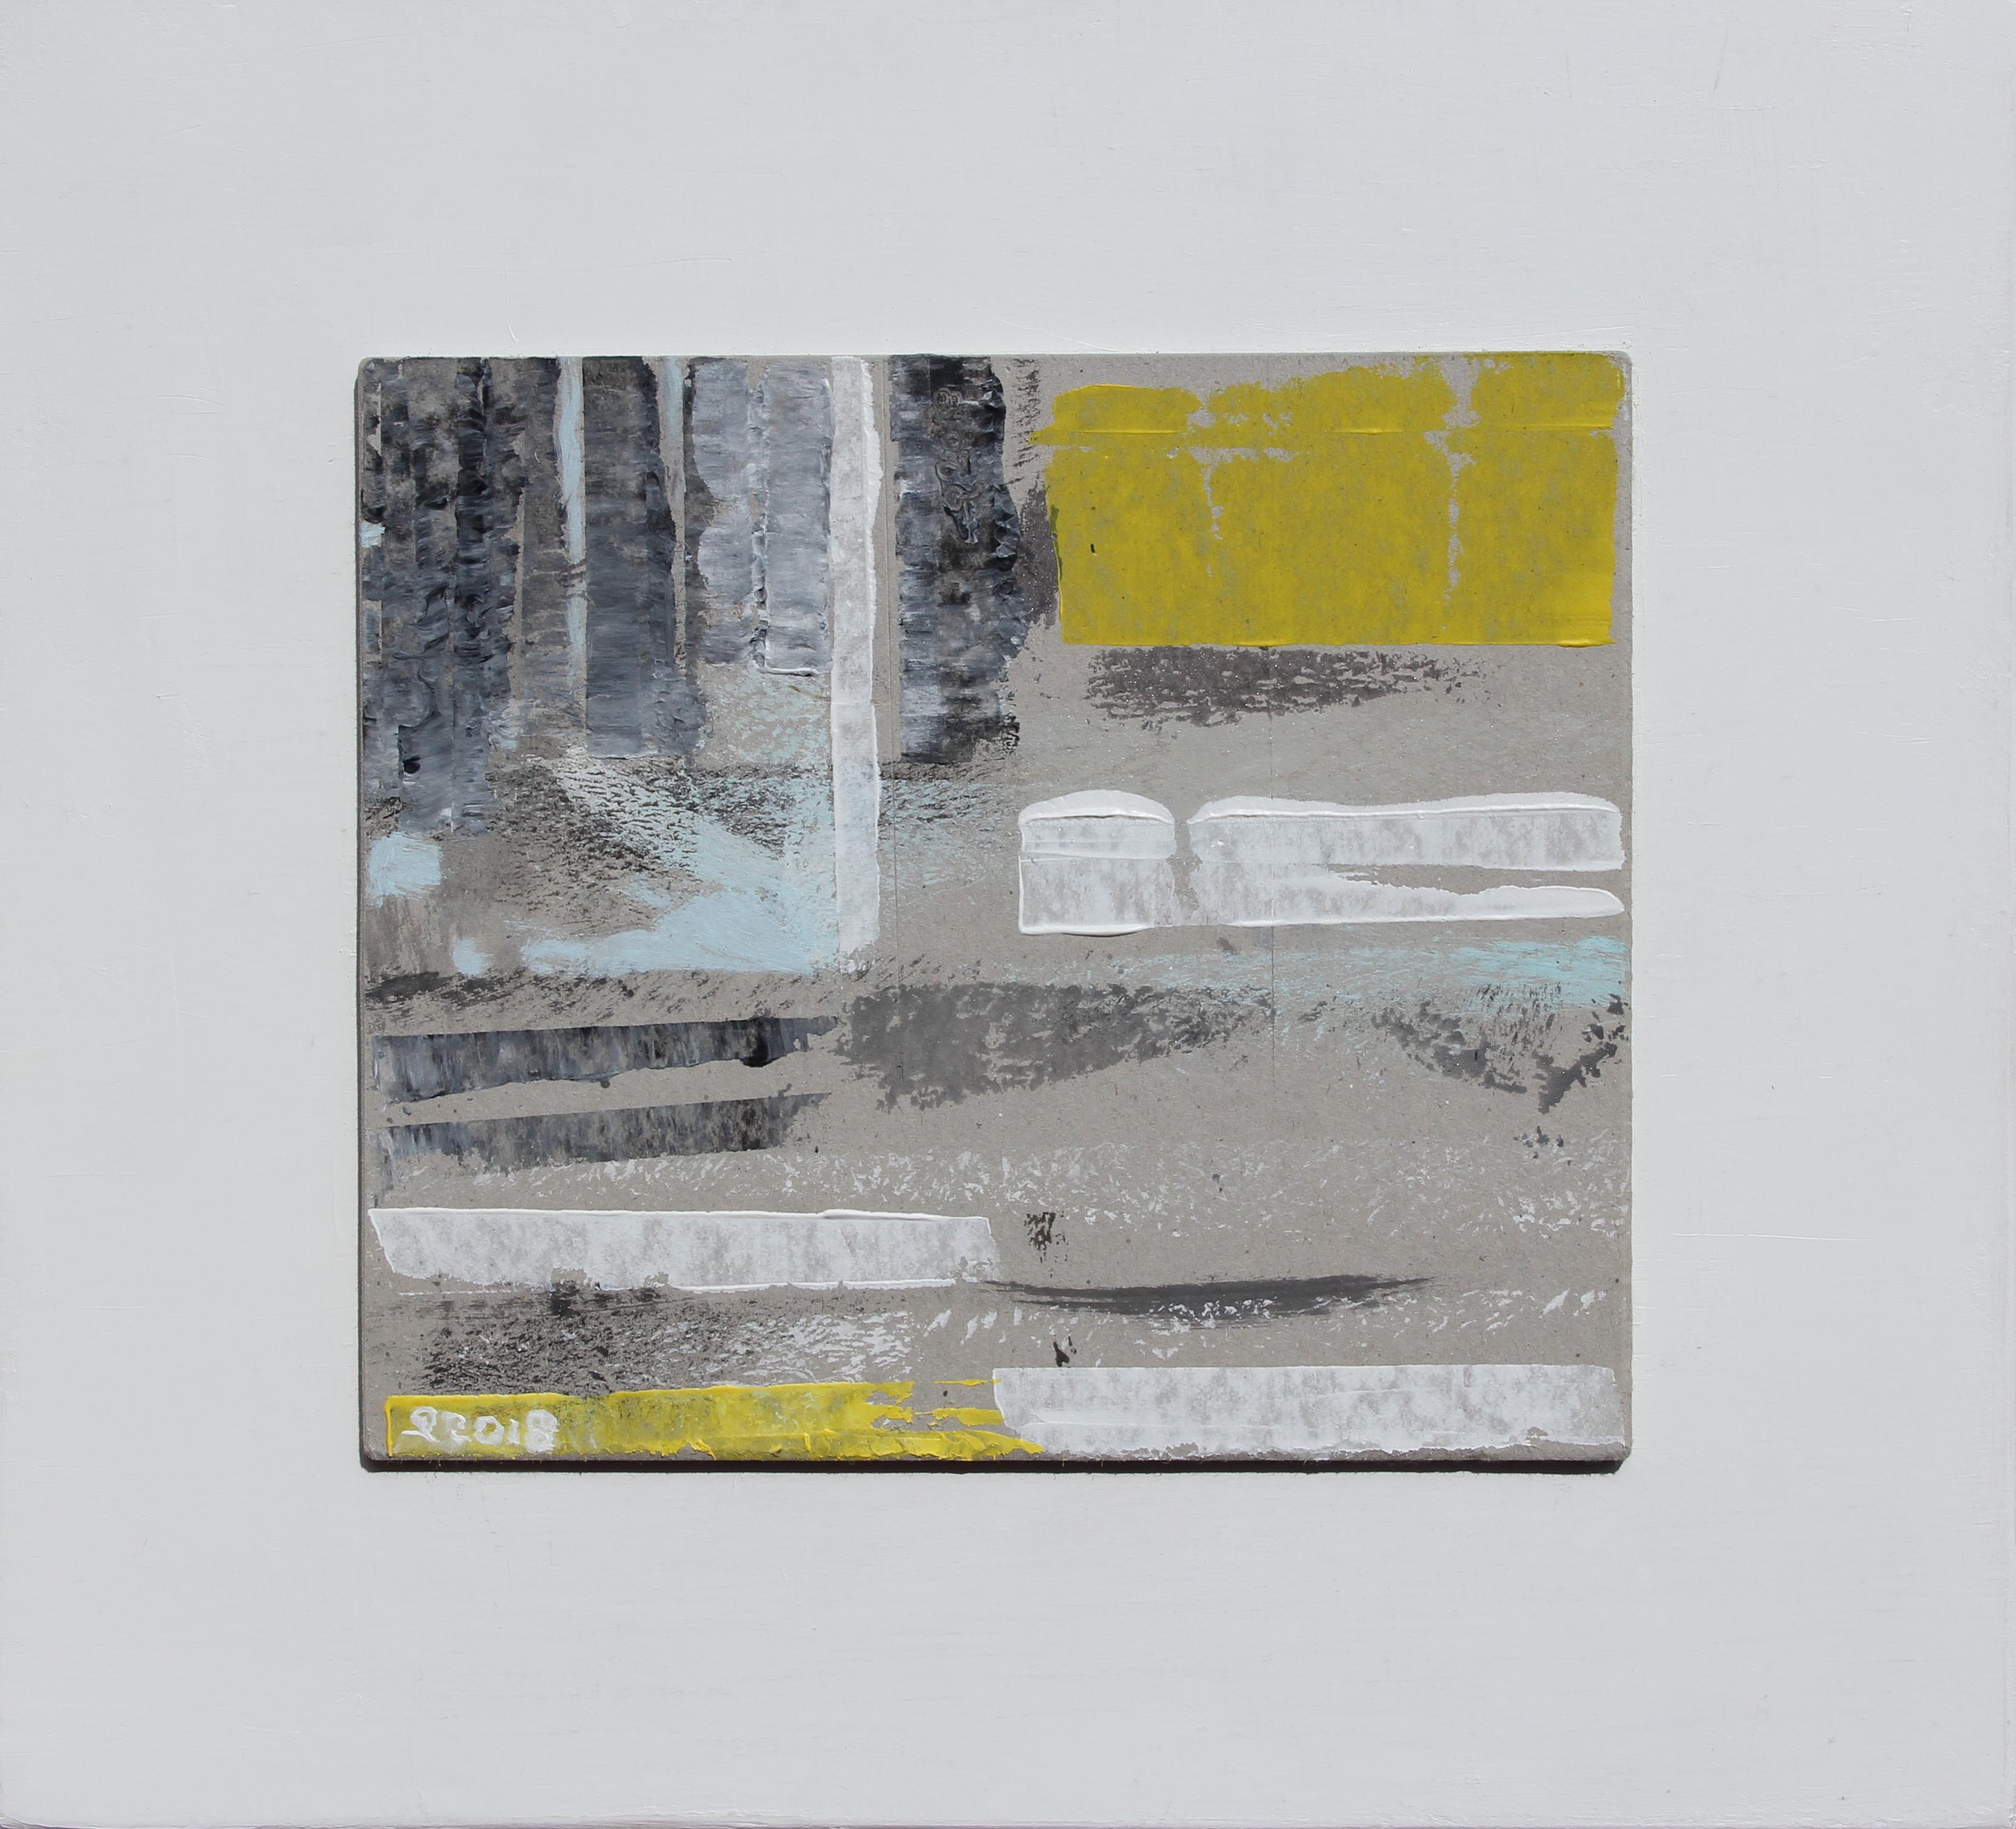 Spazialità, 2018 - acrilico su cartone, 25x25 cm